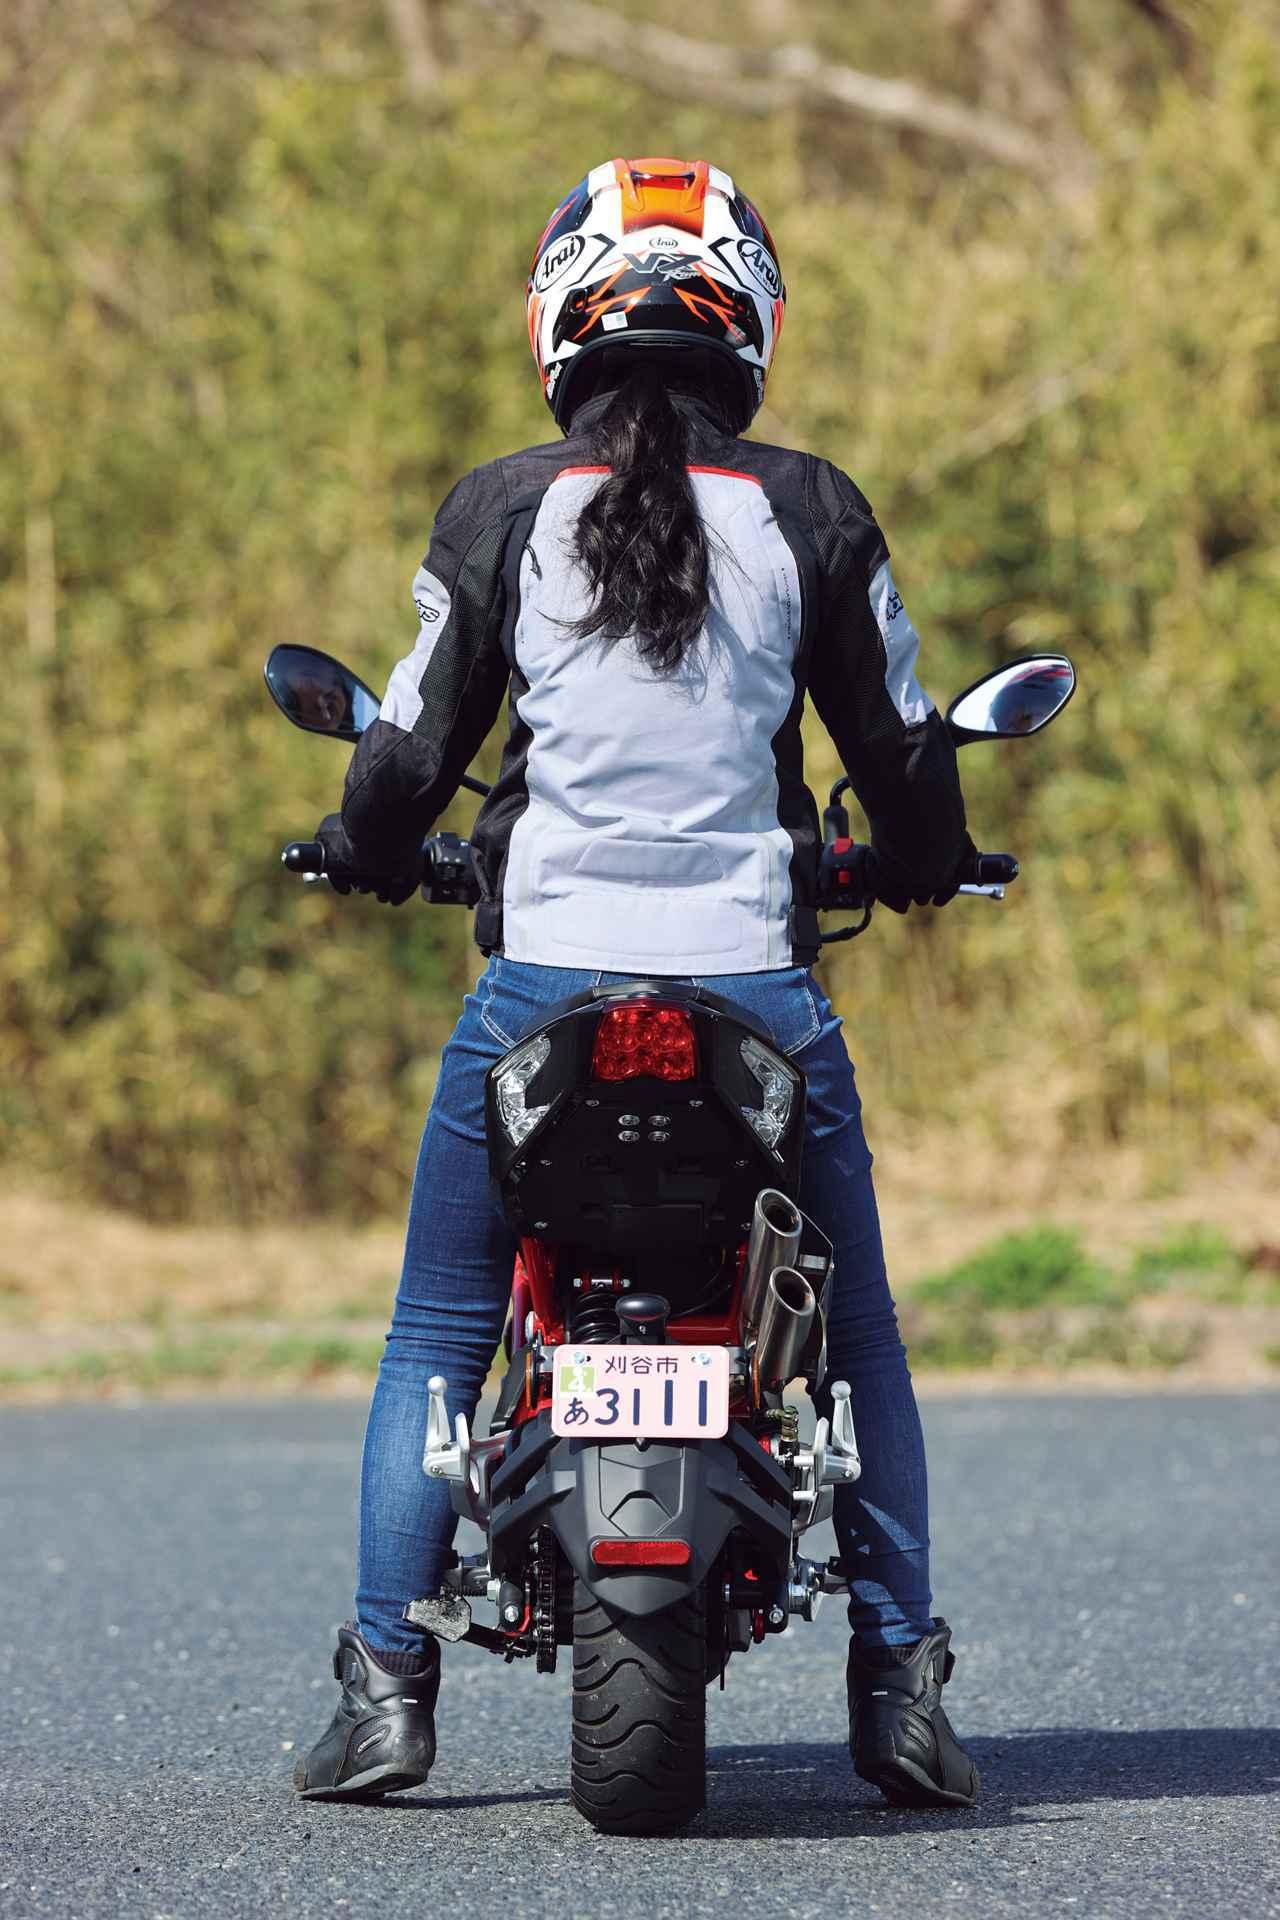 画像: 【各部解説&人気カラー投票】ベネリ「TNT125」- webオートバイ